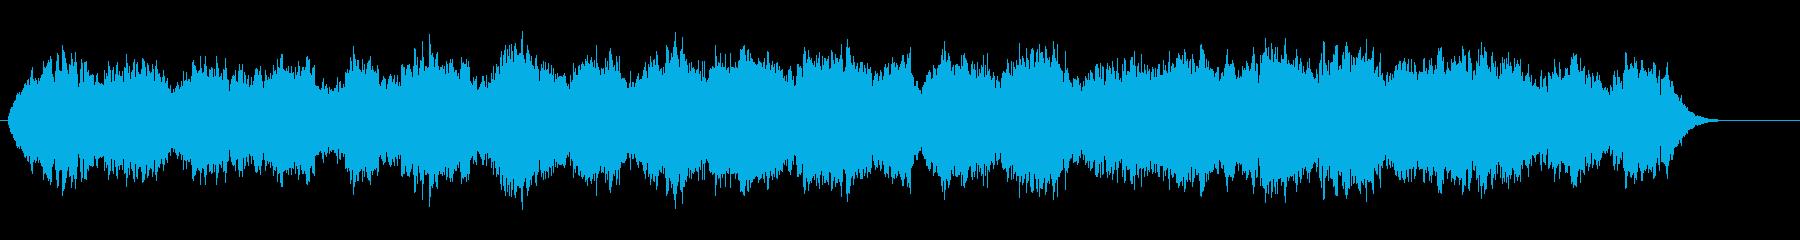 無重力感広がるアンビエント系トランスの再生済みの波形